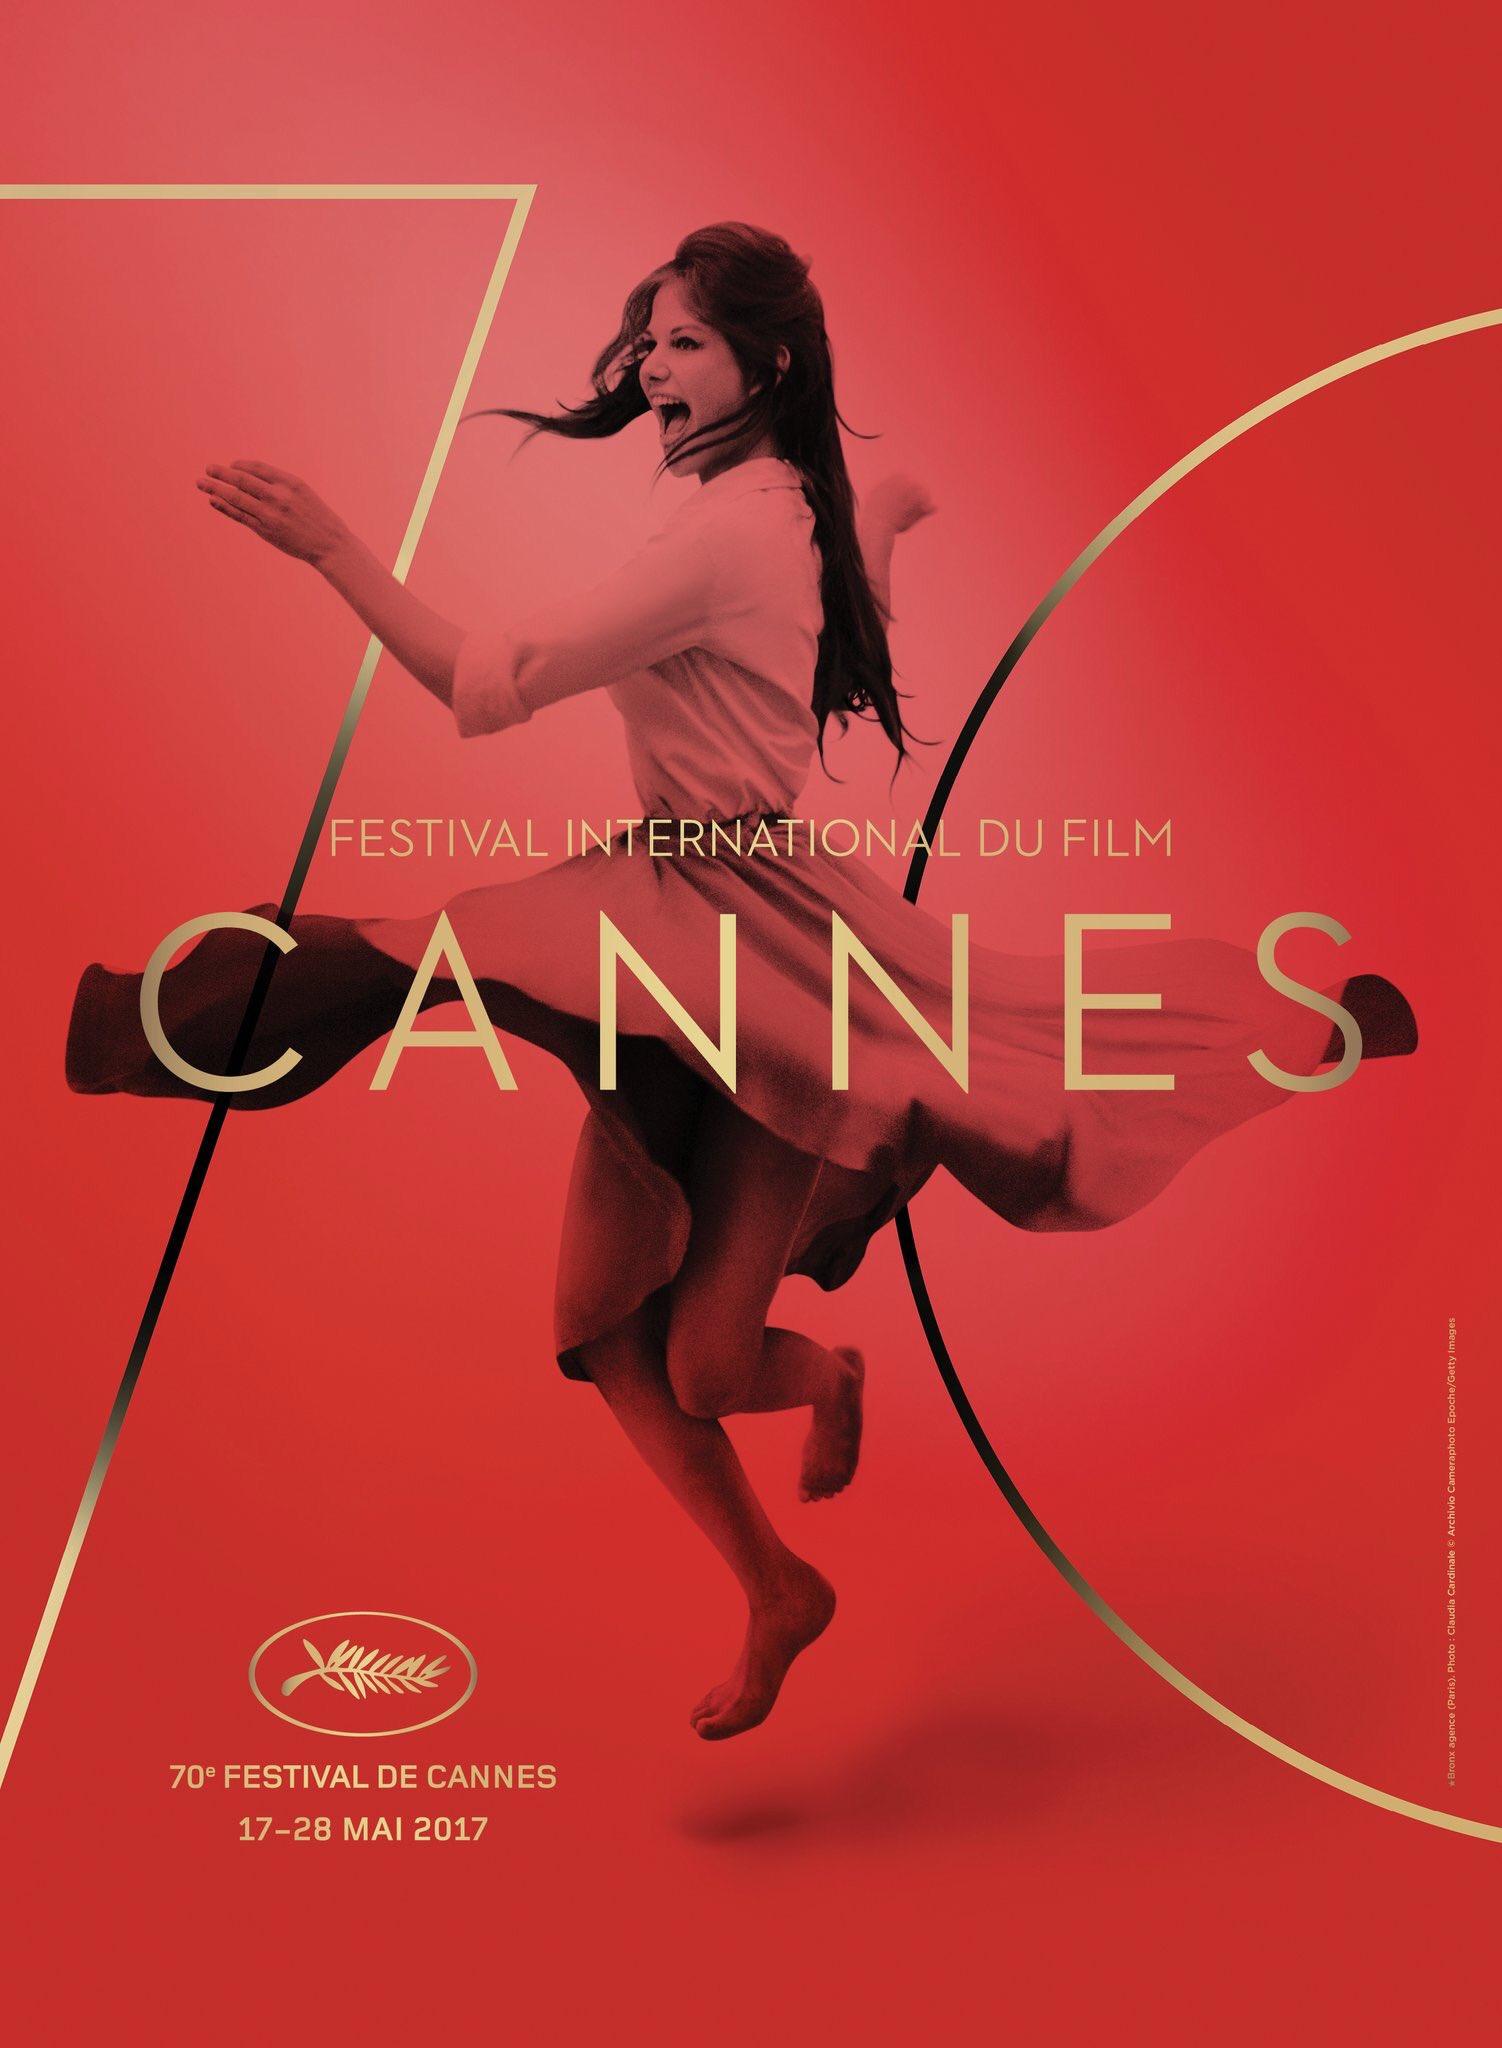 70ème Festival de Cannes 17 au 28 Mai 2017